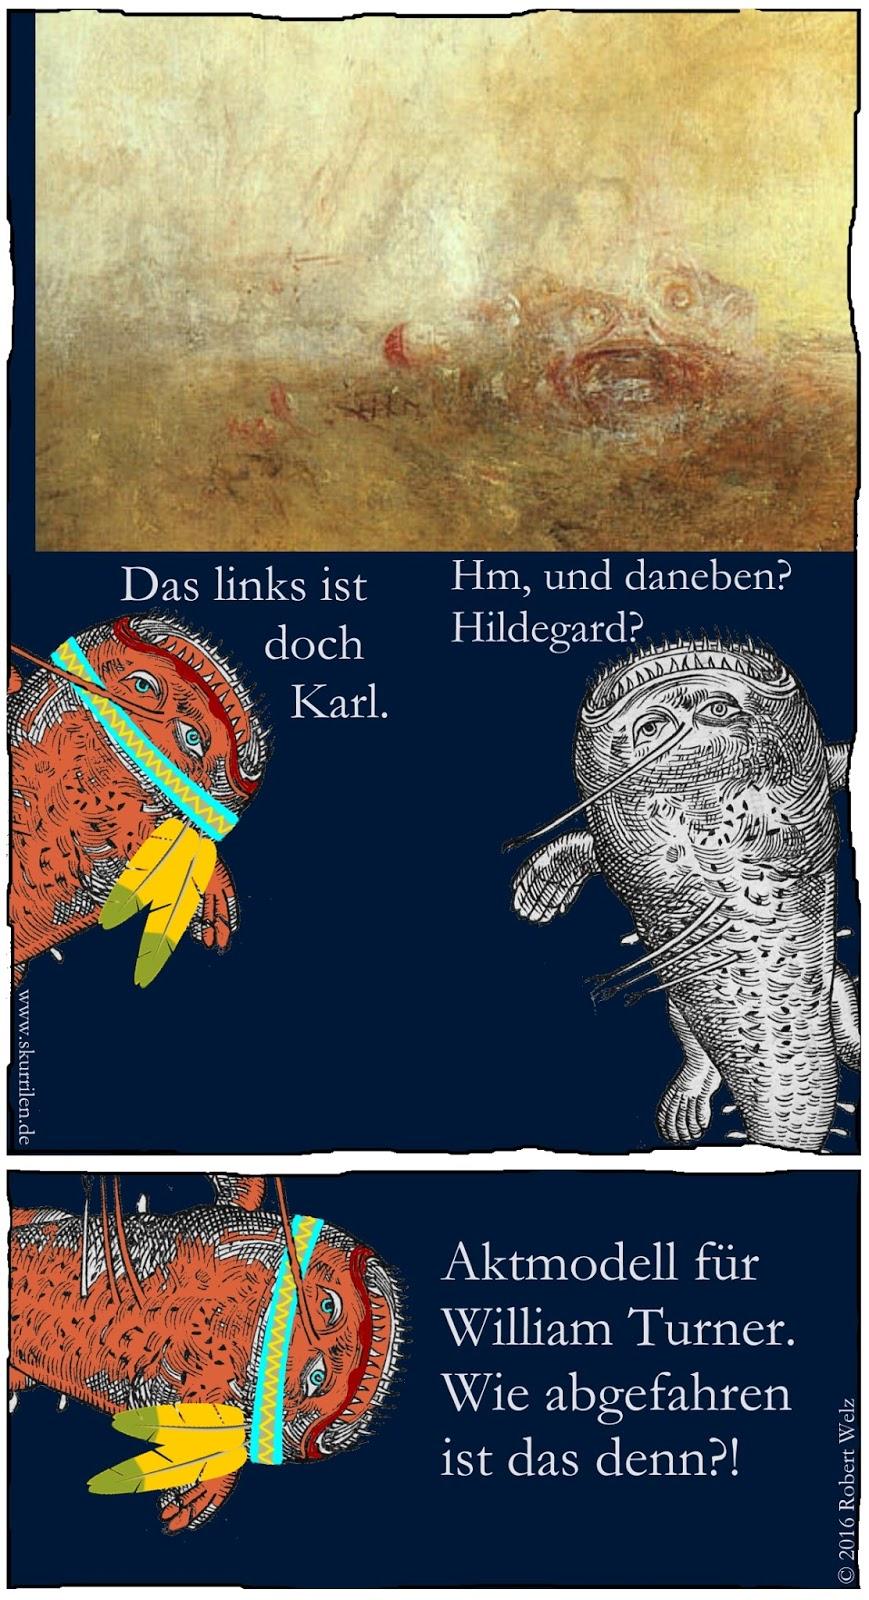 Kunst der Romantik & Kunstbetrachtung im komischen Collage-Comic. Unsere zwei kunstsinnigen Seeungeheuer entdecken auf William Turners Gemälde gute Freunde.